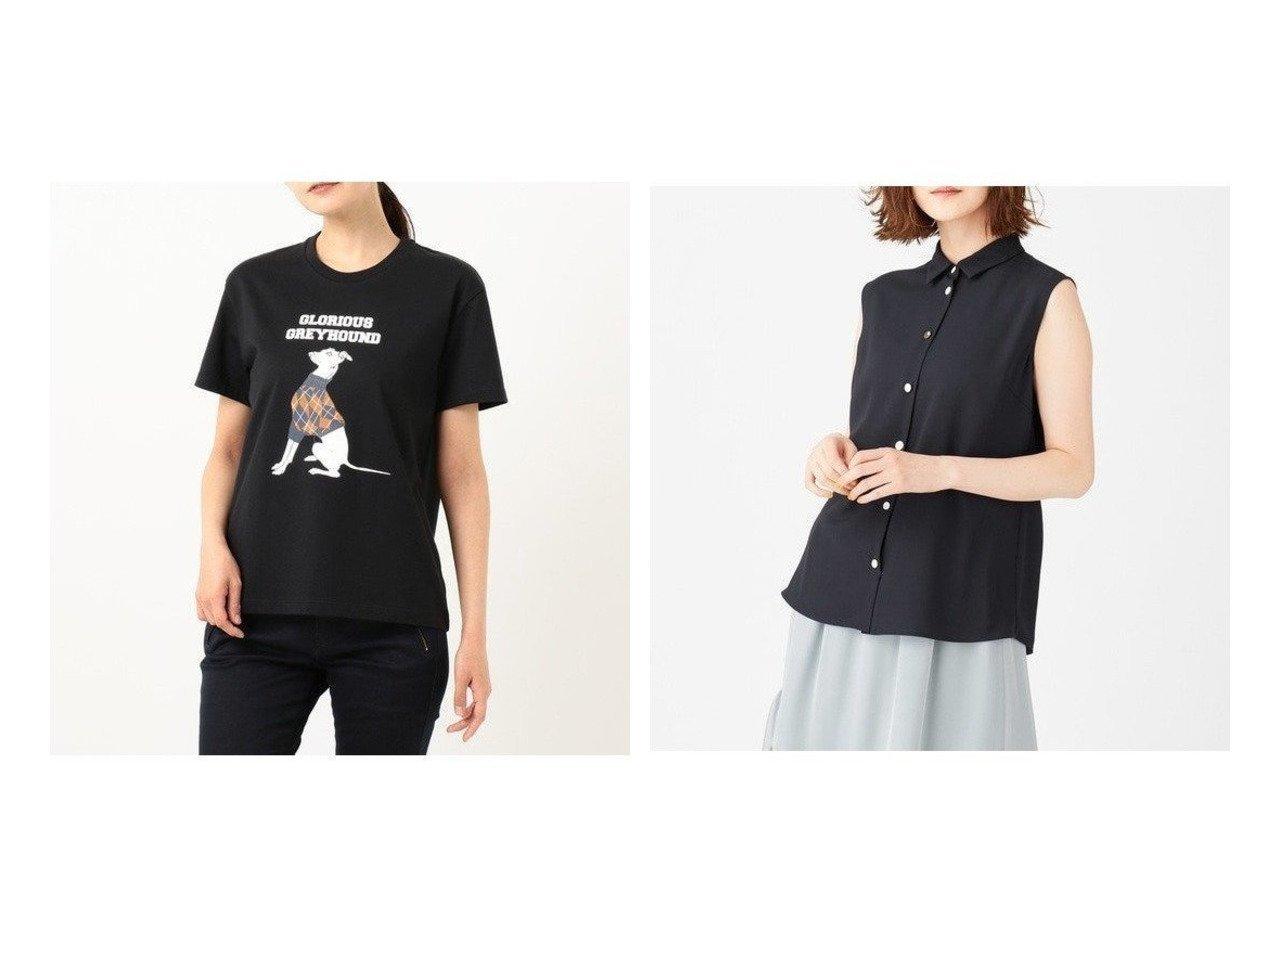 【Paul Smith/ポール スミス】の【洗える!】クレープデシン ノースリーブシャツ&【洗える!】 アートTシャツ Paul Smithのおすすめ!人気、トレンド・レディースファッションの通販  おすすめで人気の流行・トレンド、ファッションの通販商品 メンズファッション・キッズファッション・インテリア・家具・レディースファッション・服の通販 founy(ファニー) https://founy.com/ ファッション Fashion レディースファッション WOMEN トップス Tops Tshirt シャツ/ブラウス Shirts Blouses ロング / Tシャツ T-Shirts キャミソール / ノースリーブ No Sleeves 洗える カラフル シルケット シンプル スポーツ セーター プリント モチーフ ワーク 送料無料 Free Shipping  ID:crp329100000017600